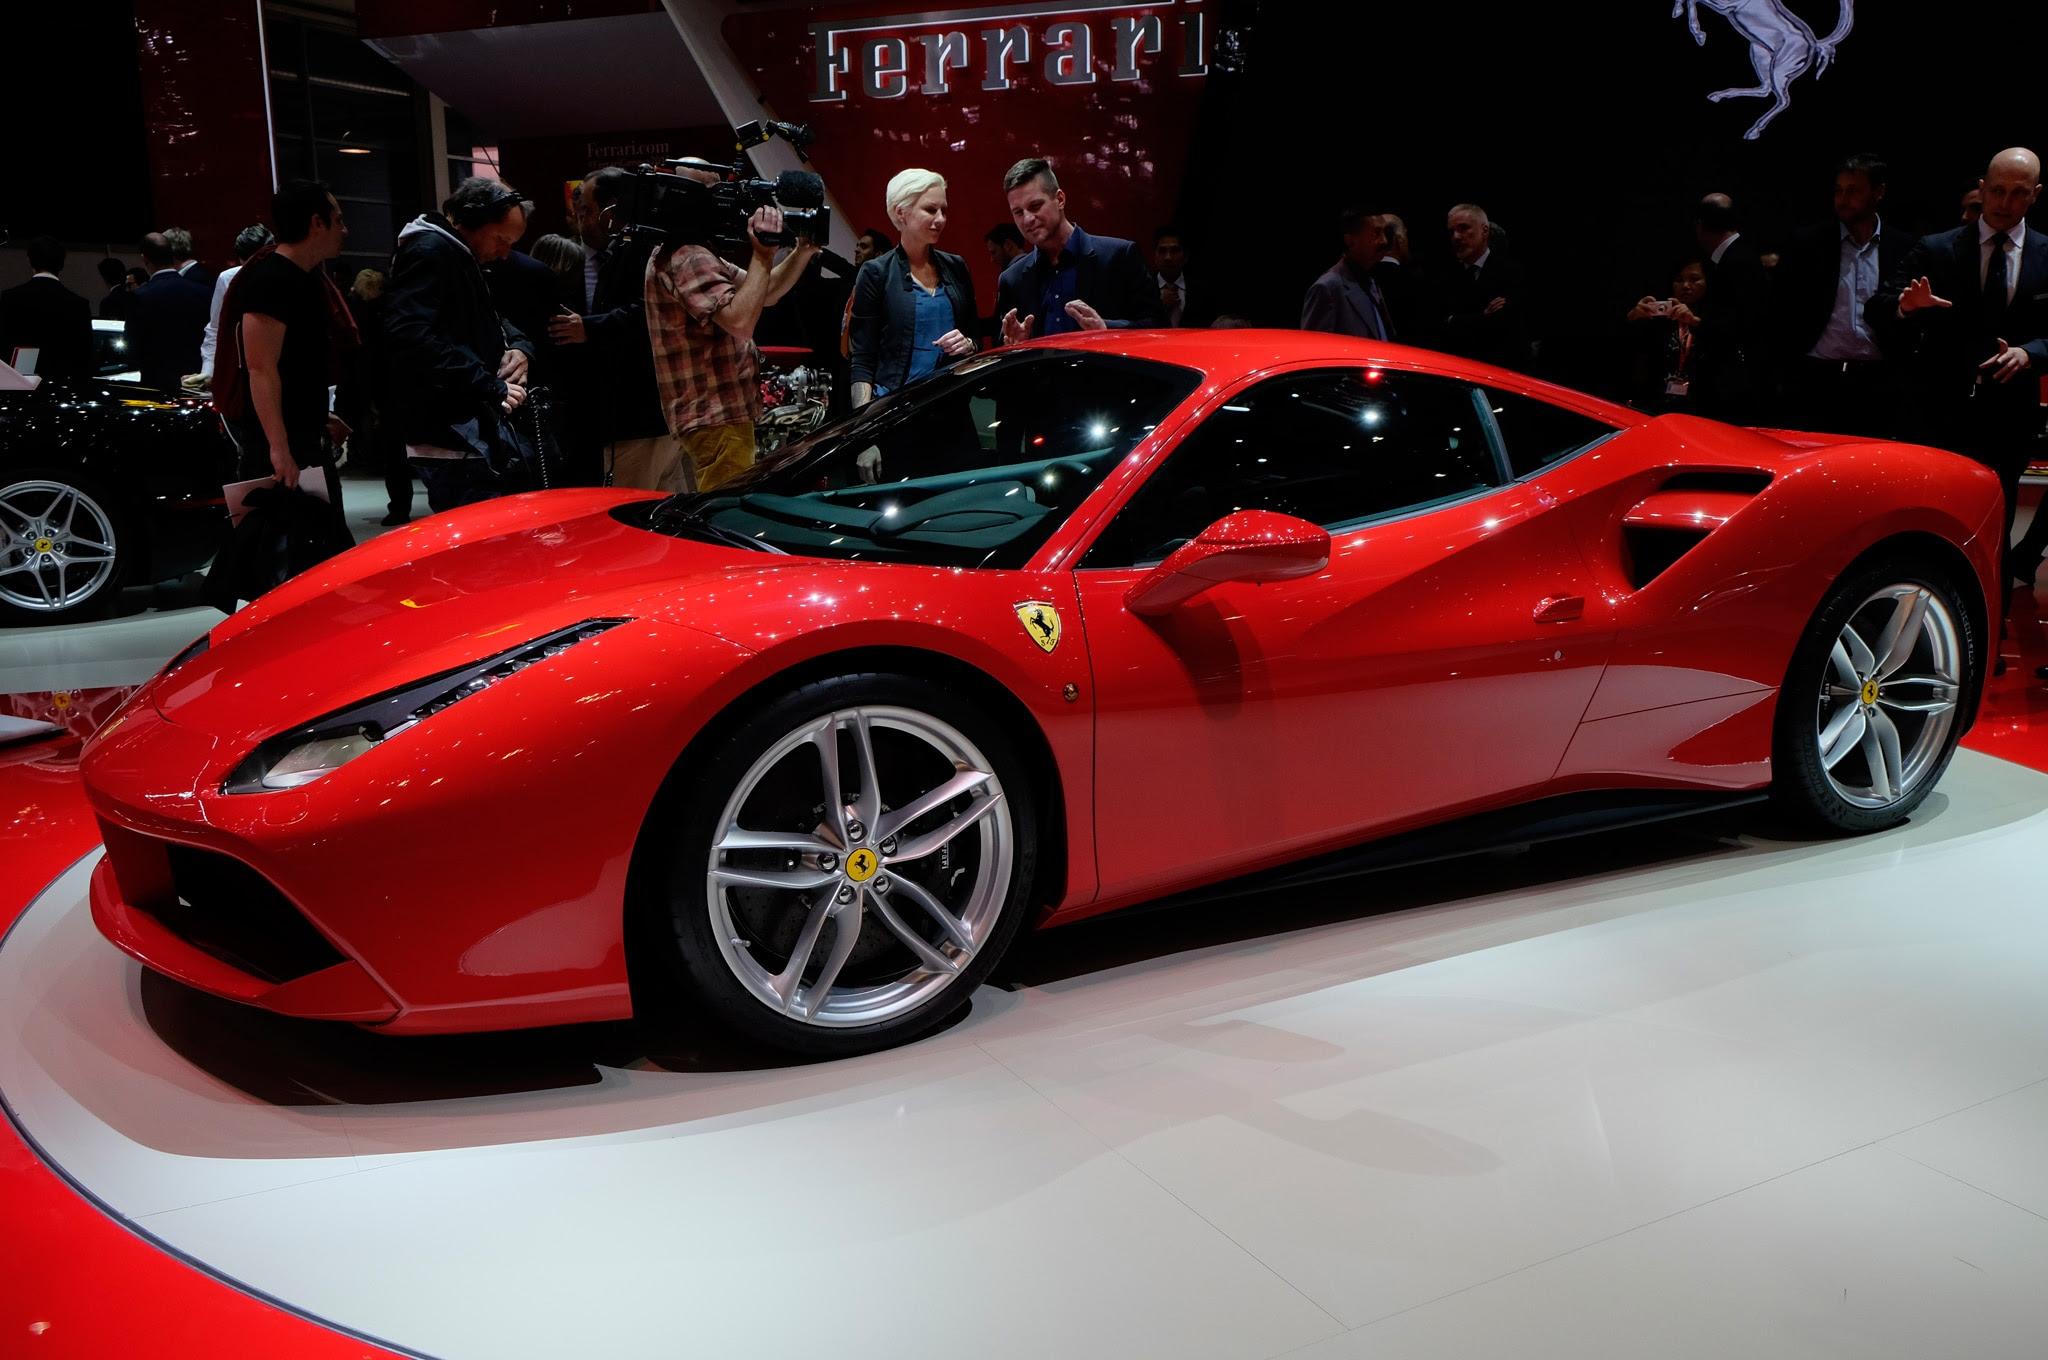 2016 Ferrari 488 GTB Features Turbocharging, 660 Horsepower